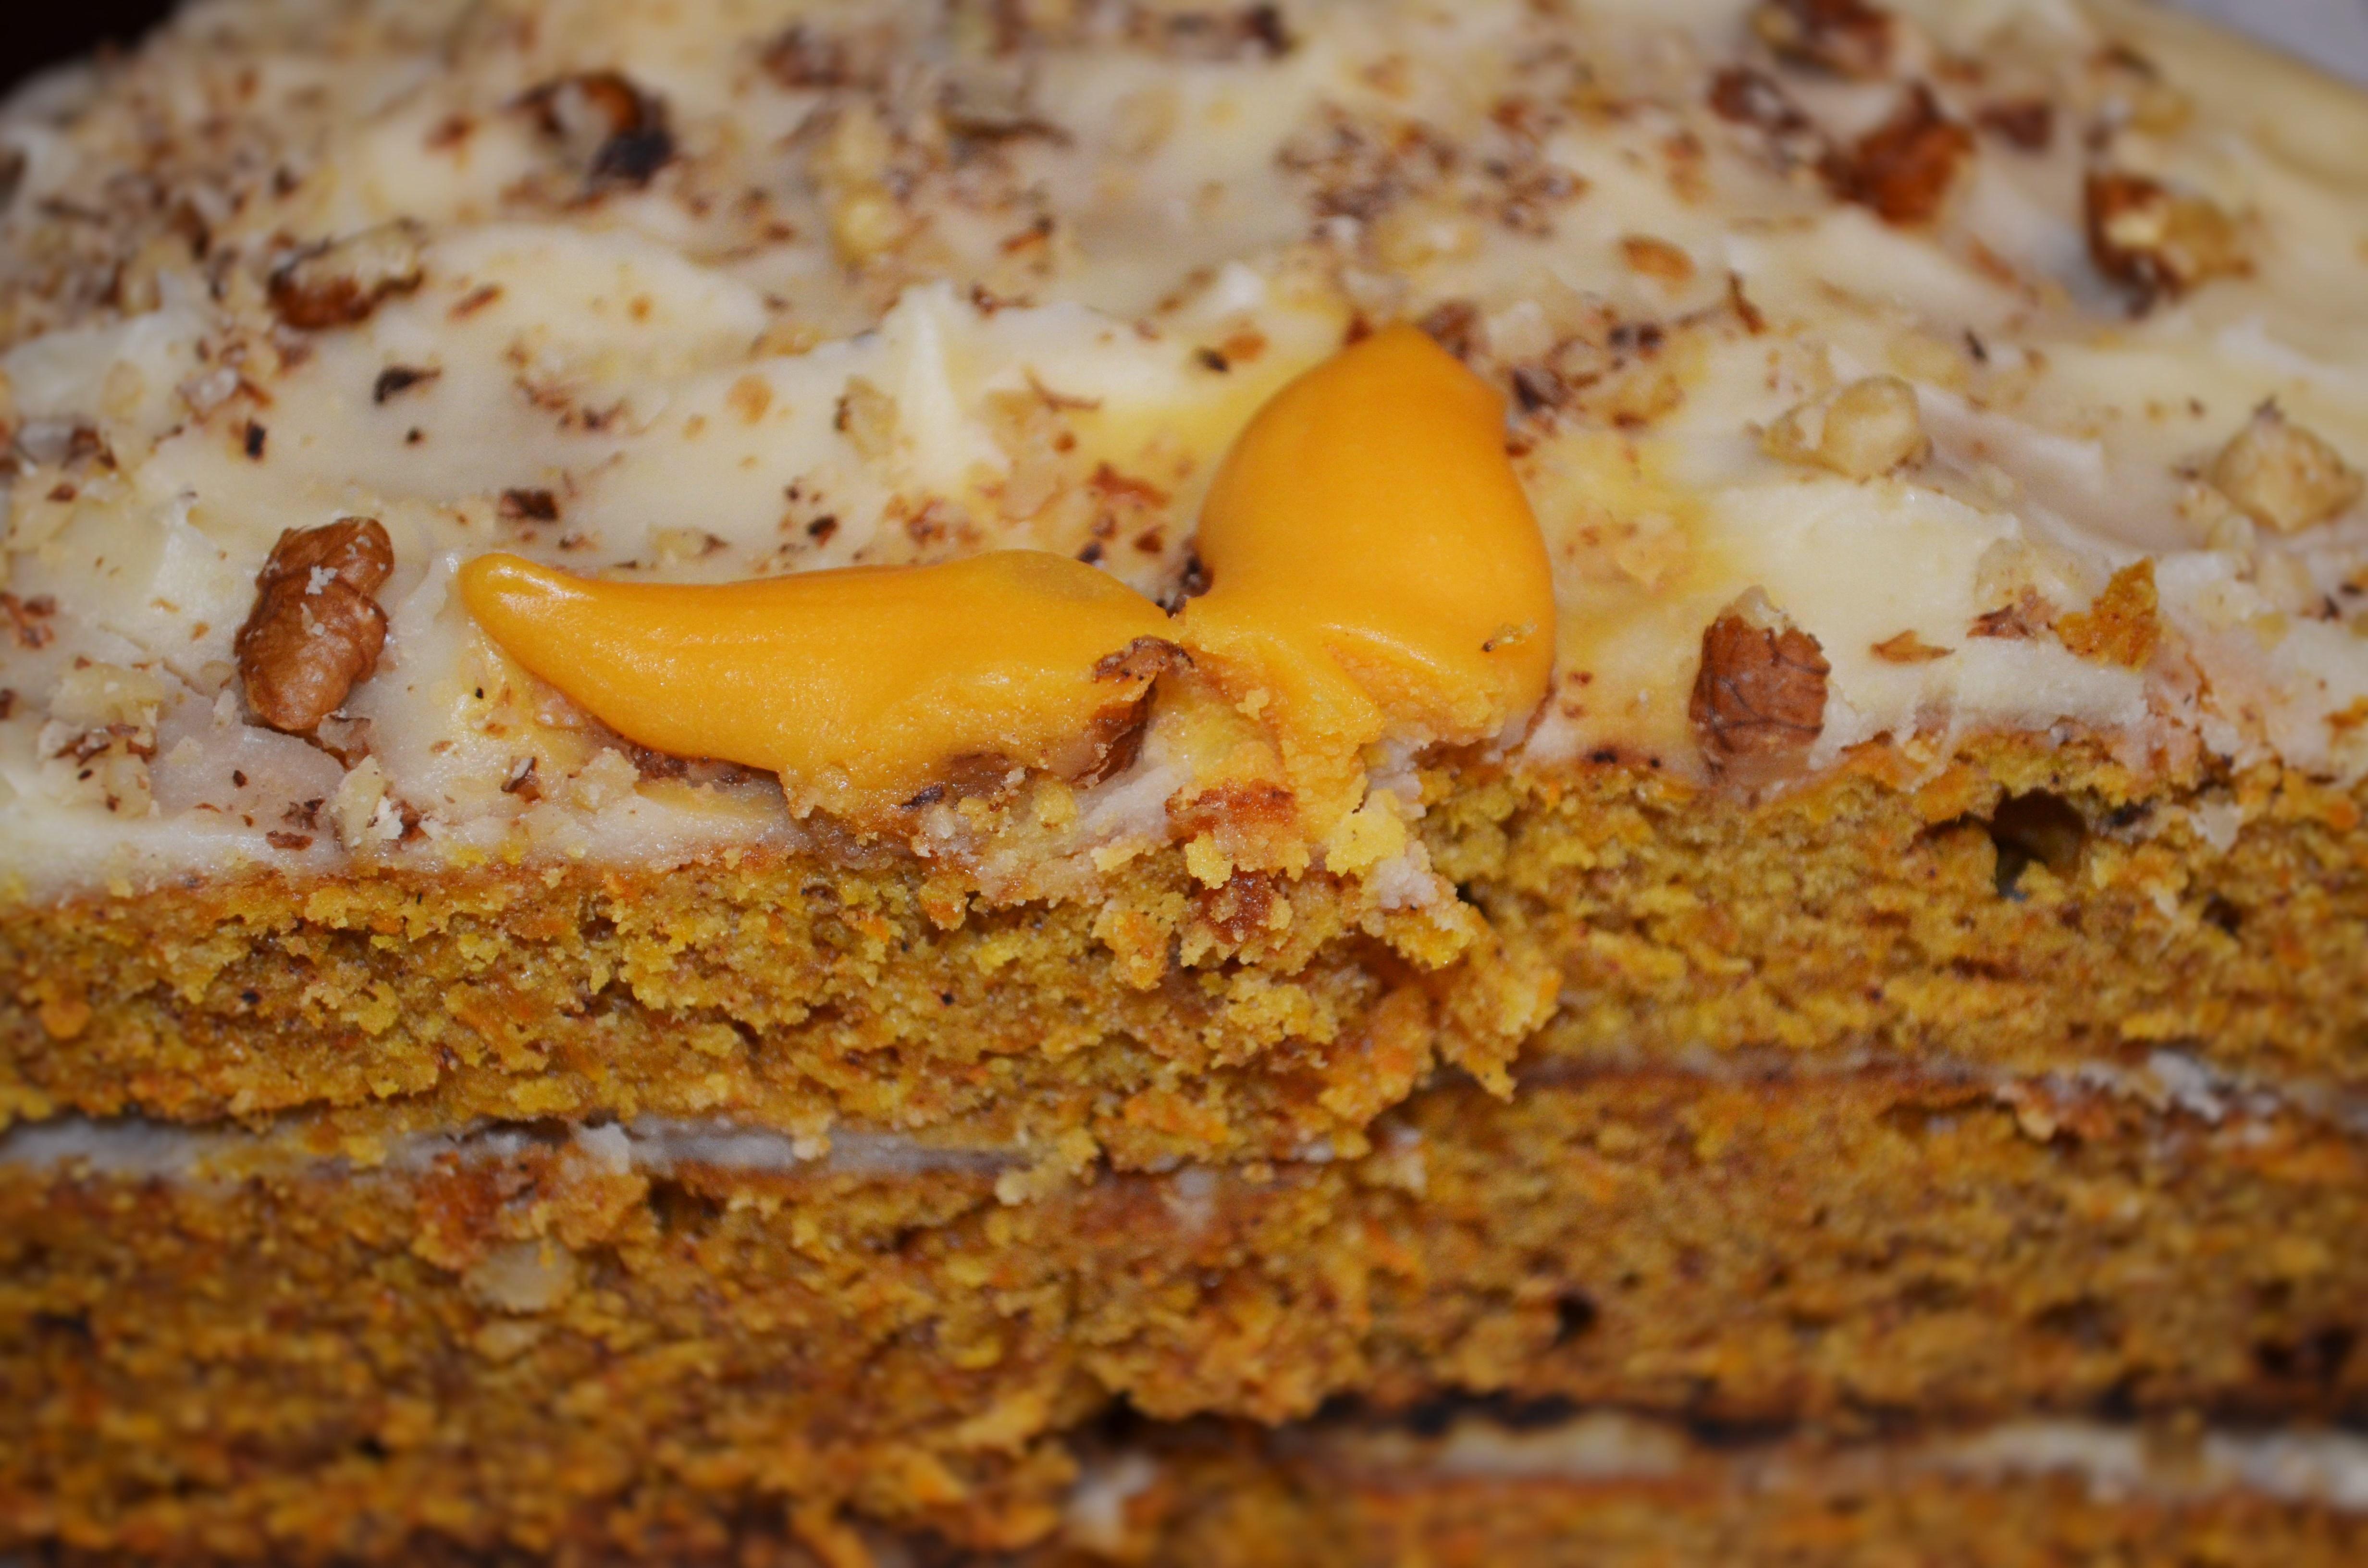 цветения азалии морковный торт лучший рецепт с фото пошагово виноградом оригинально, вкусно